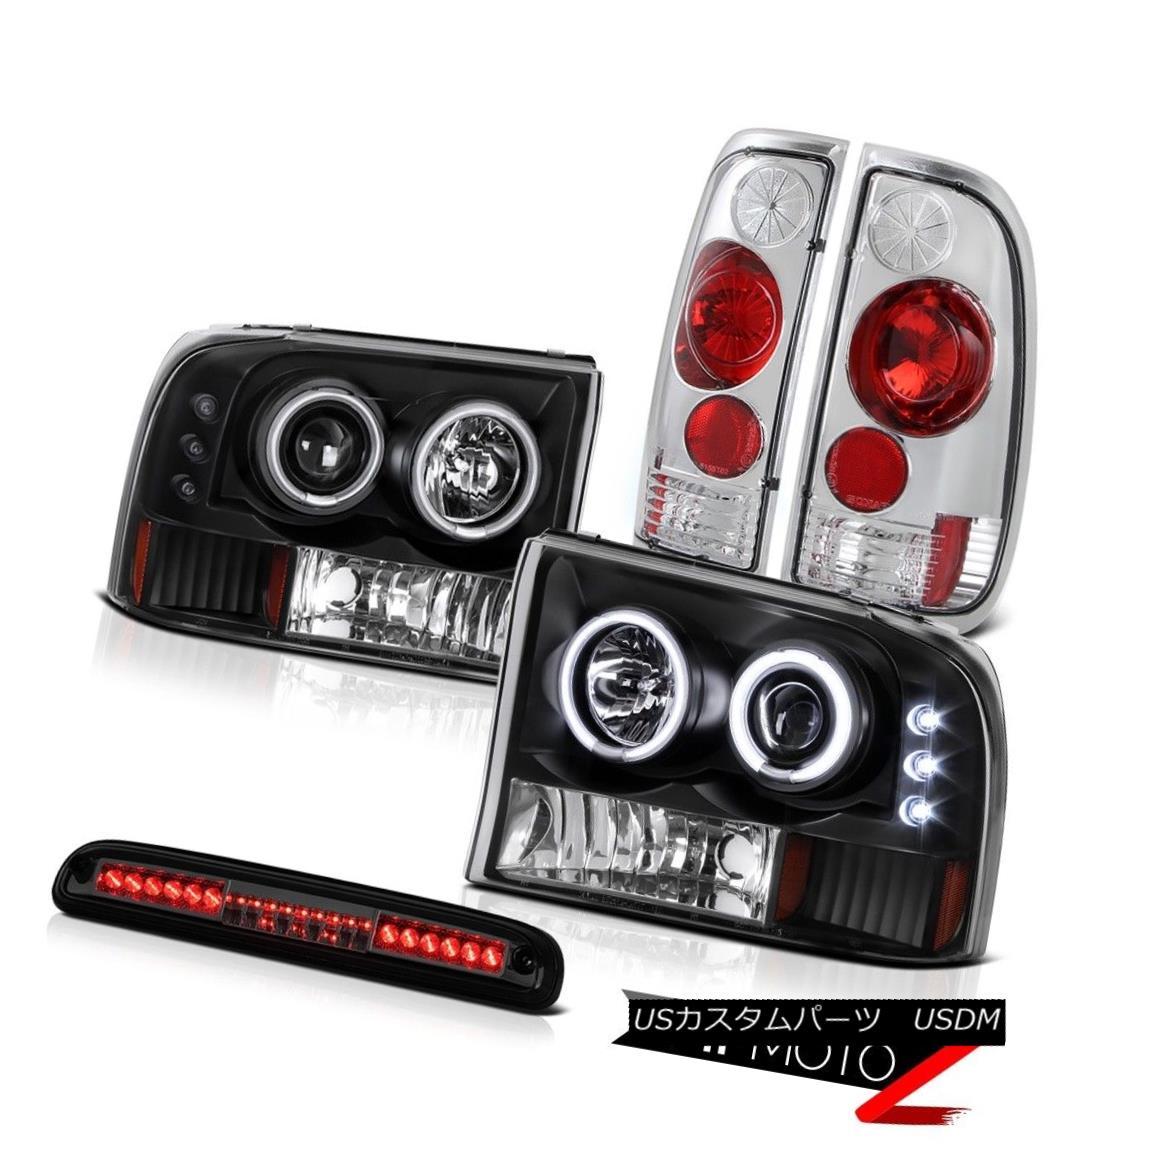 テールライト 99-04 Ford F250 SD CCFL Ringr Headlight Rear Signal Tail Tinted 3rd Brake LED 99-04 Ford F250 SD CCFL RingrヘッドライトリアシグナルテールTinted 3rdブレーキLED